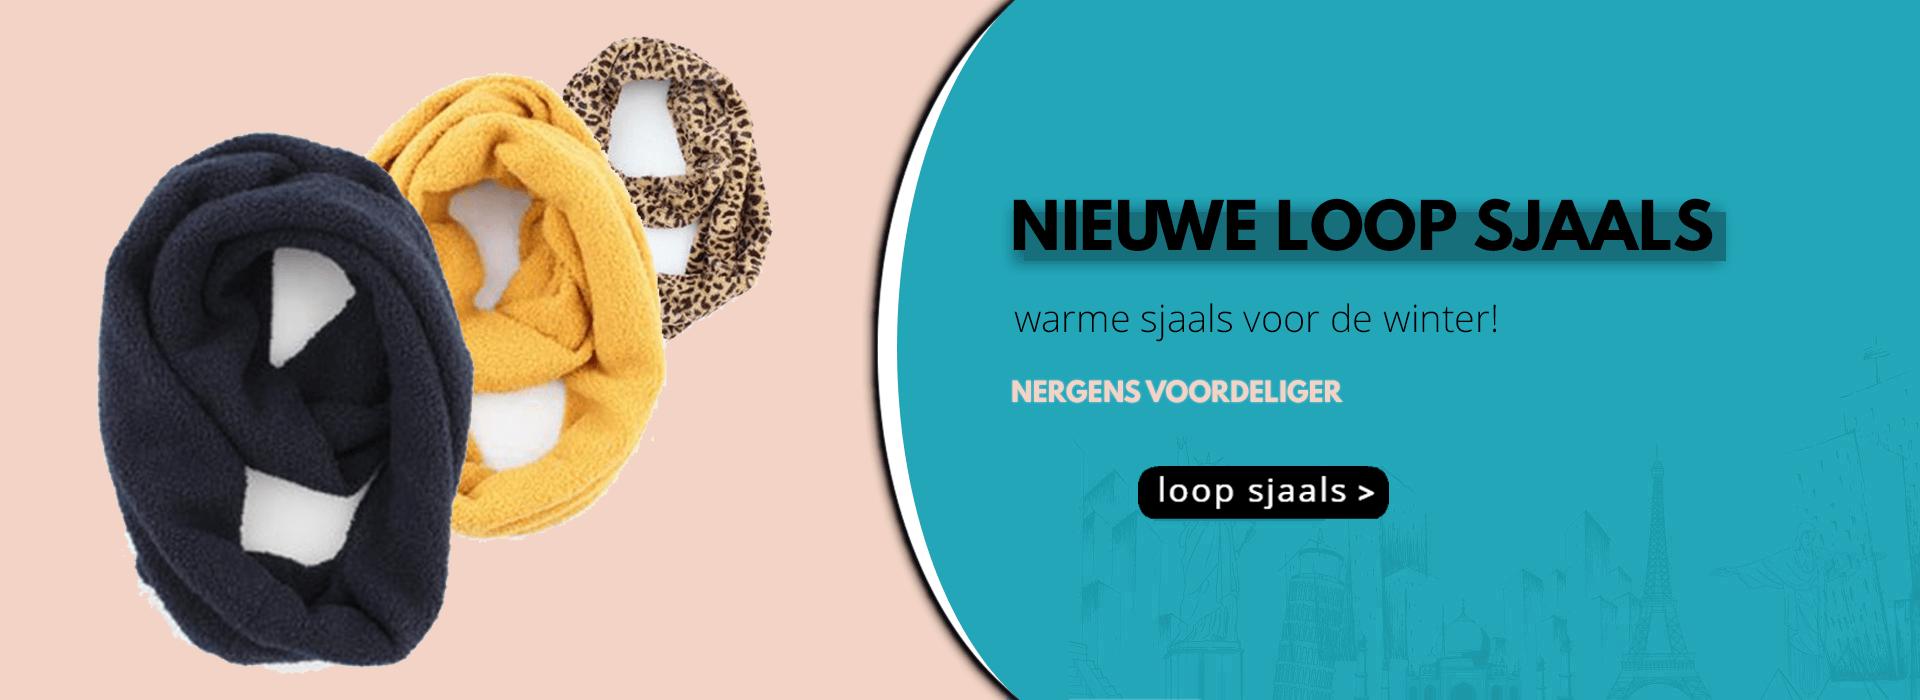 Mode Accessoires & Sieraden Groothandel - Tassen Sjaals & Bijoux banner 1